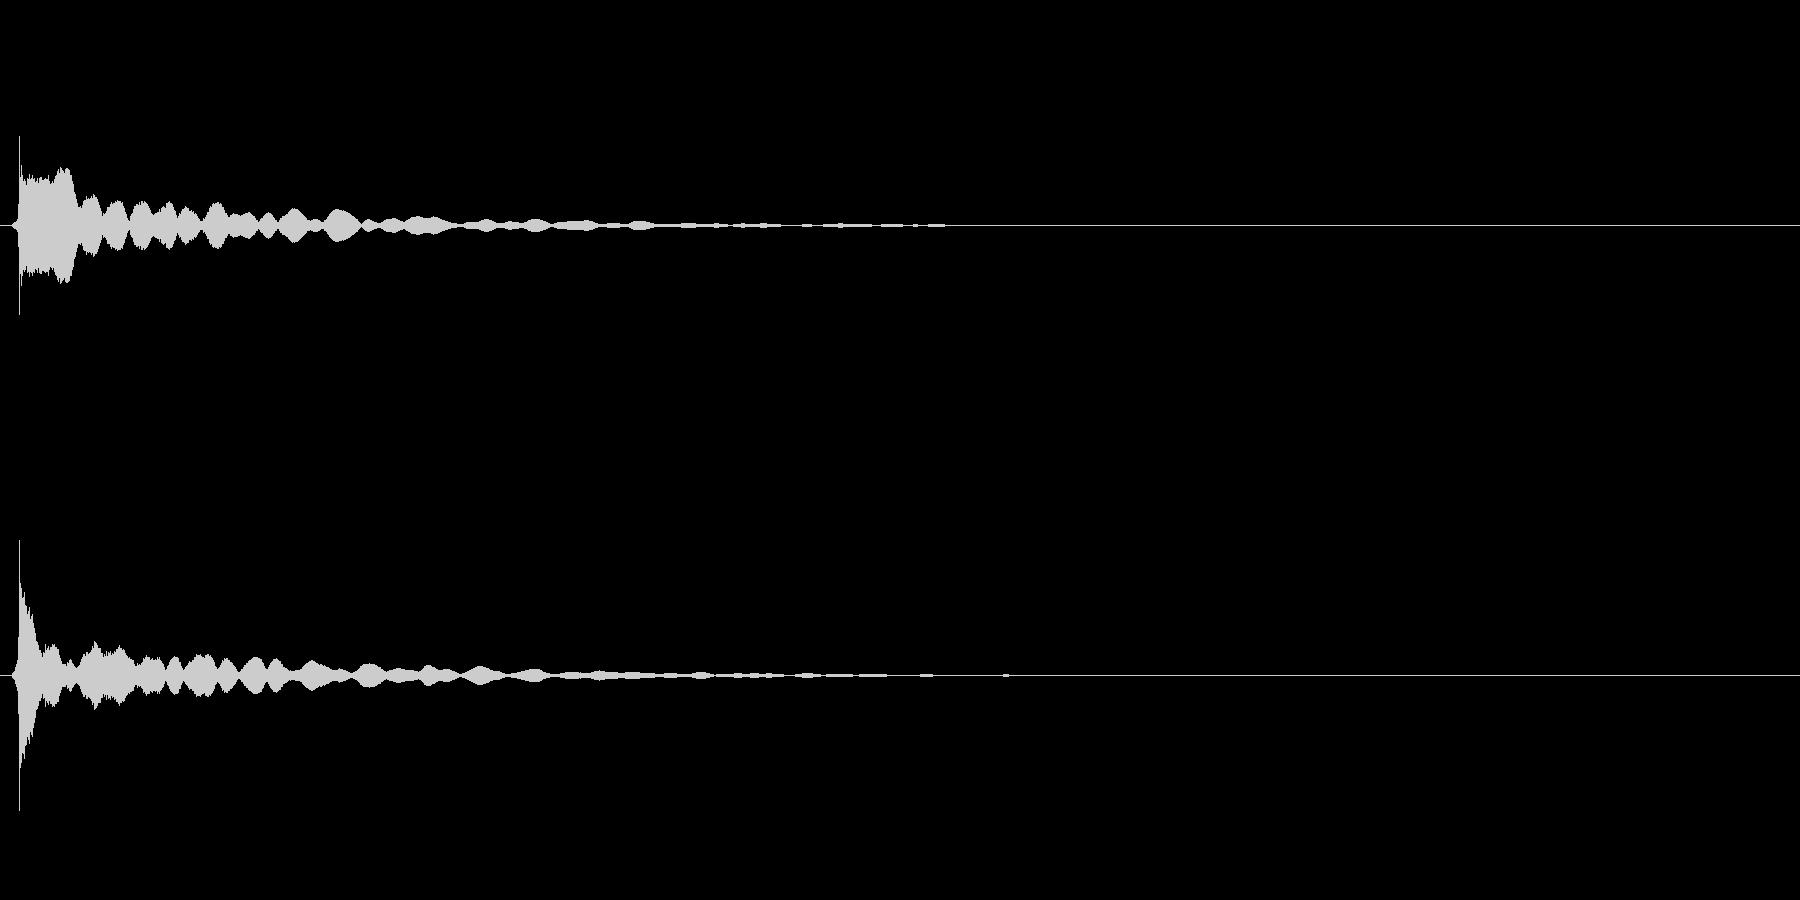 キラキラ系_093の未再生の波形